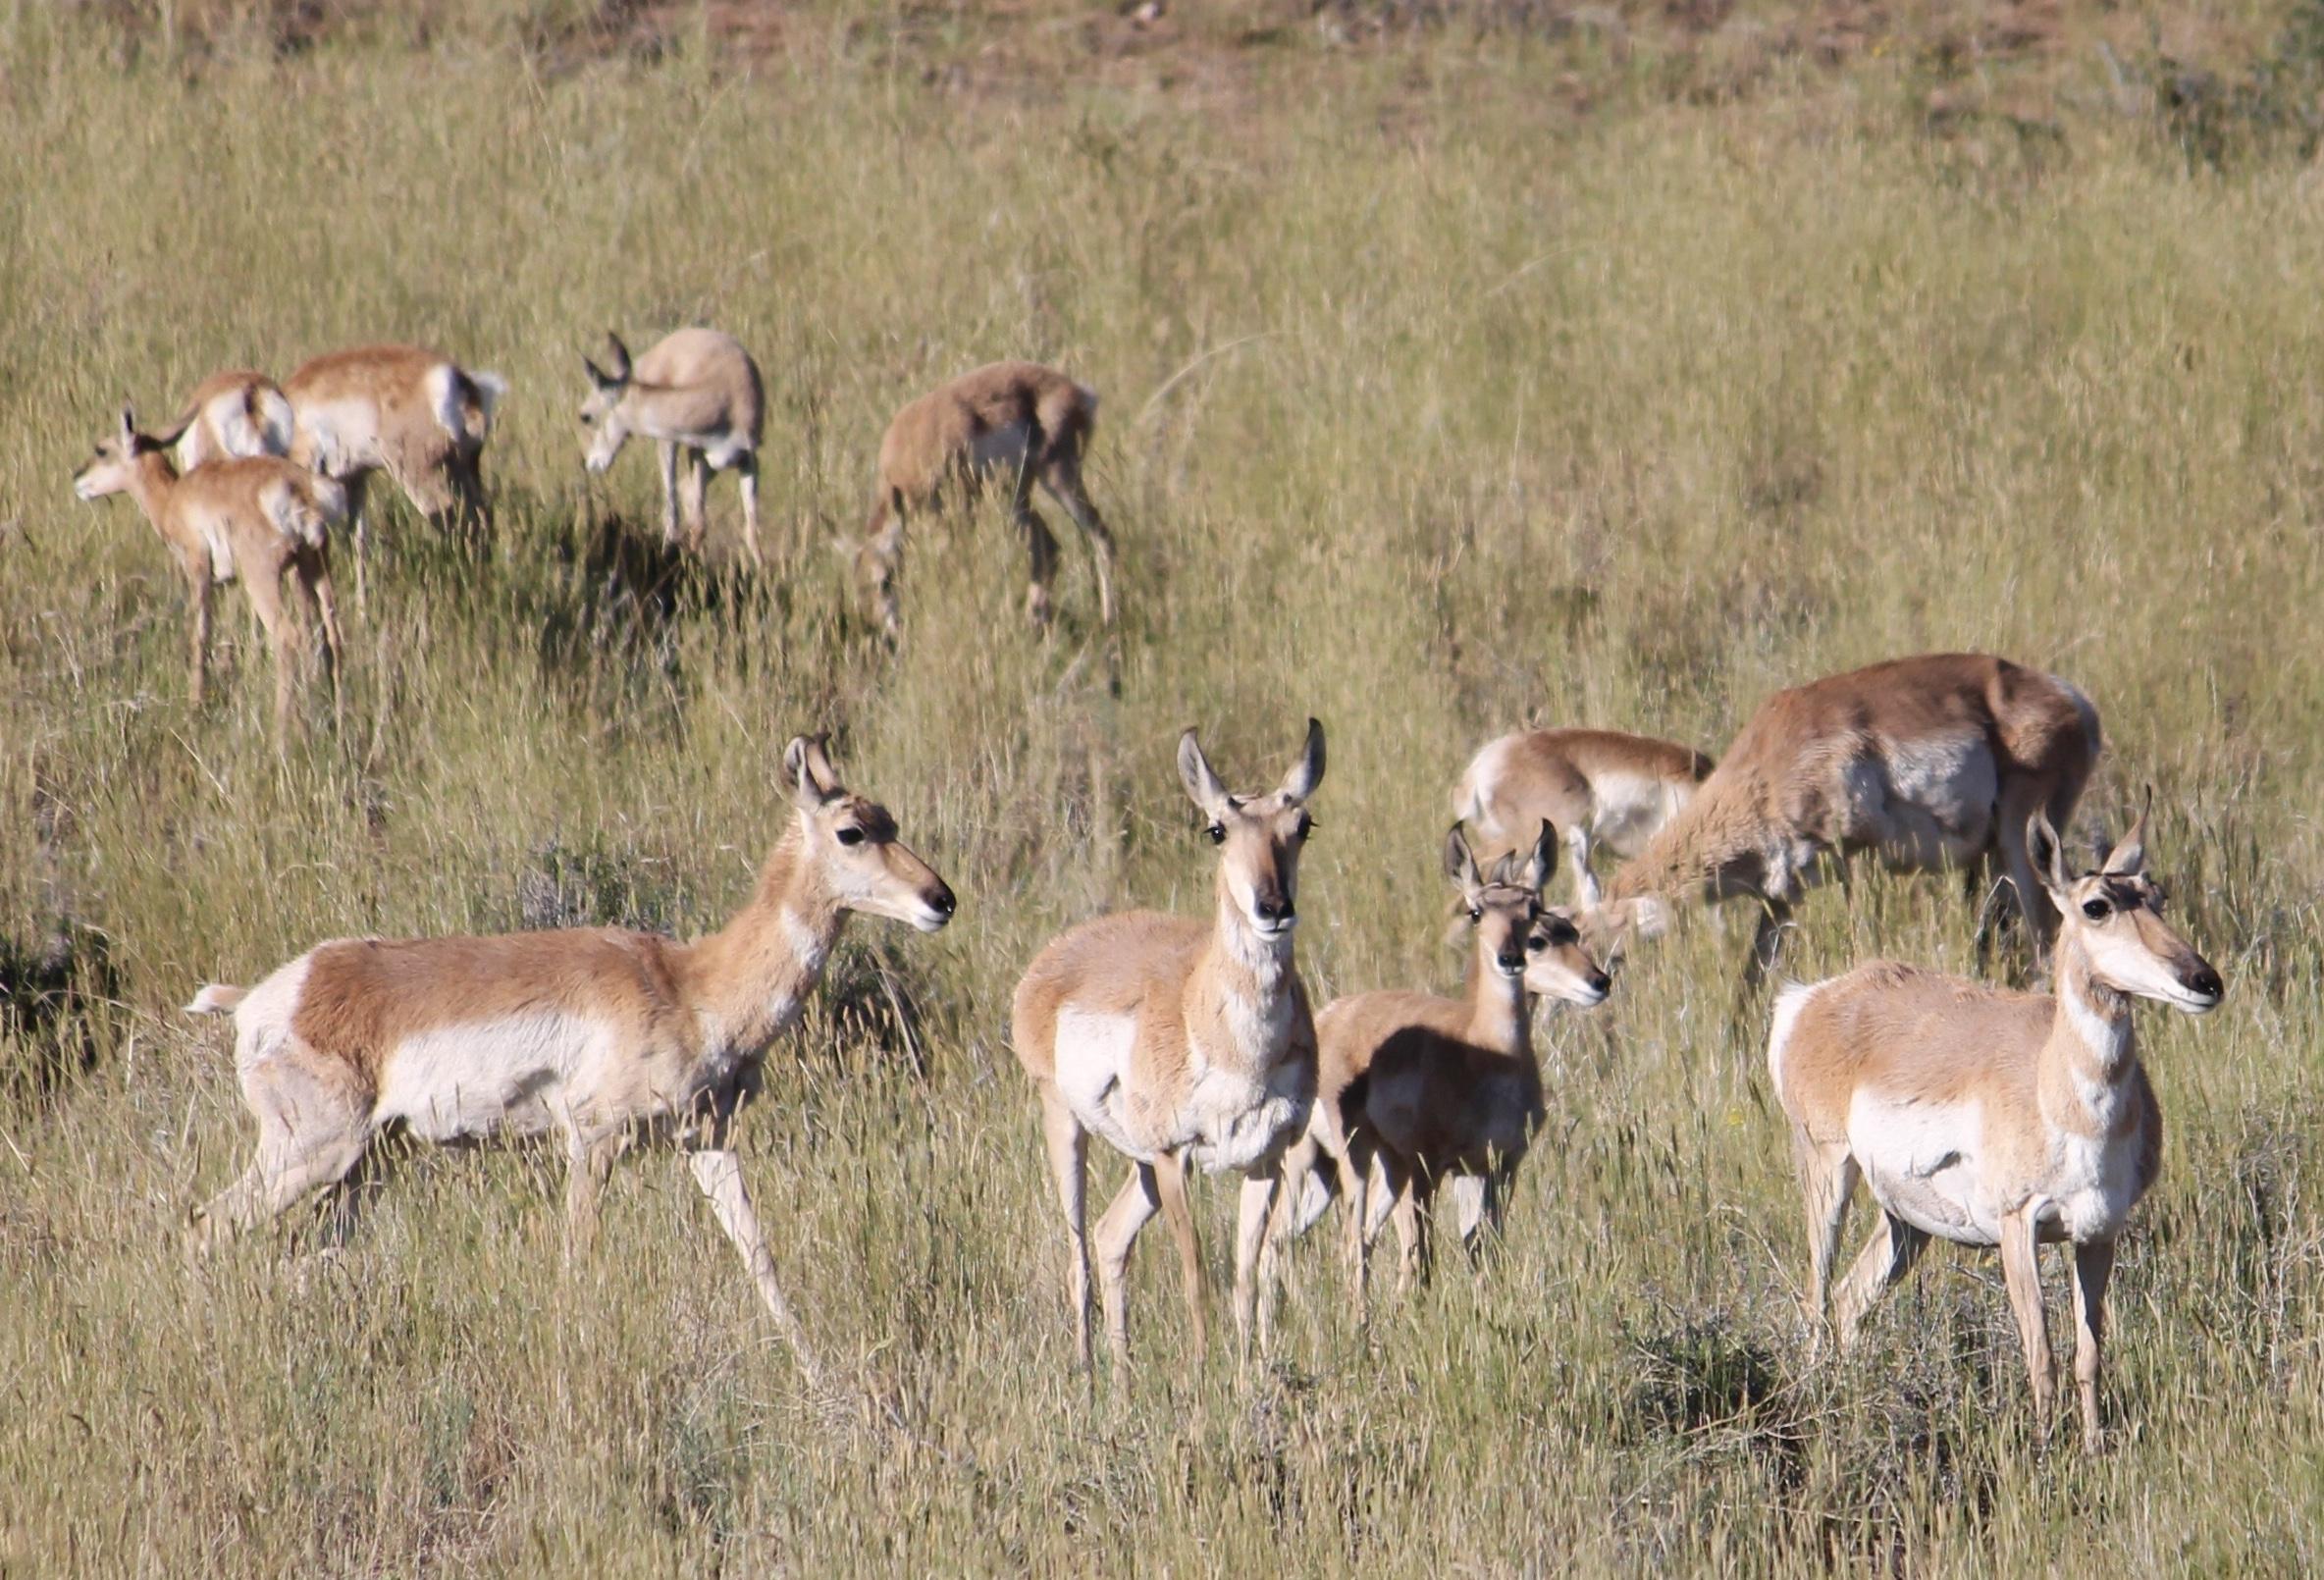 Pronghorn in field